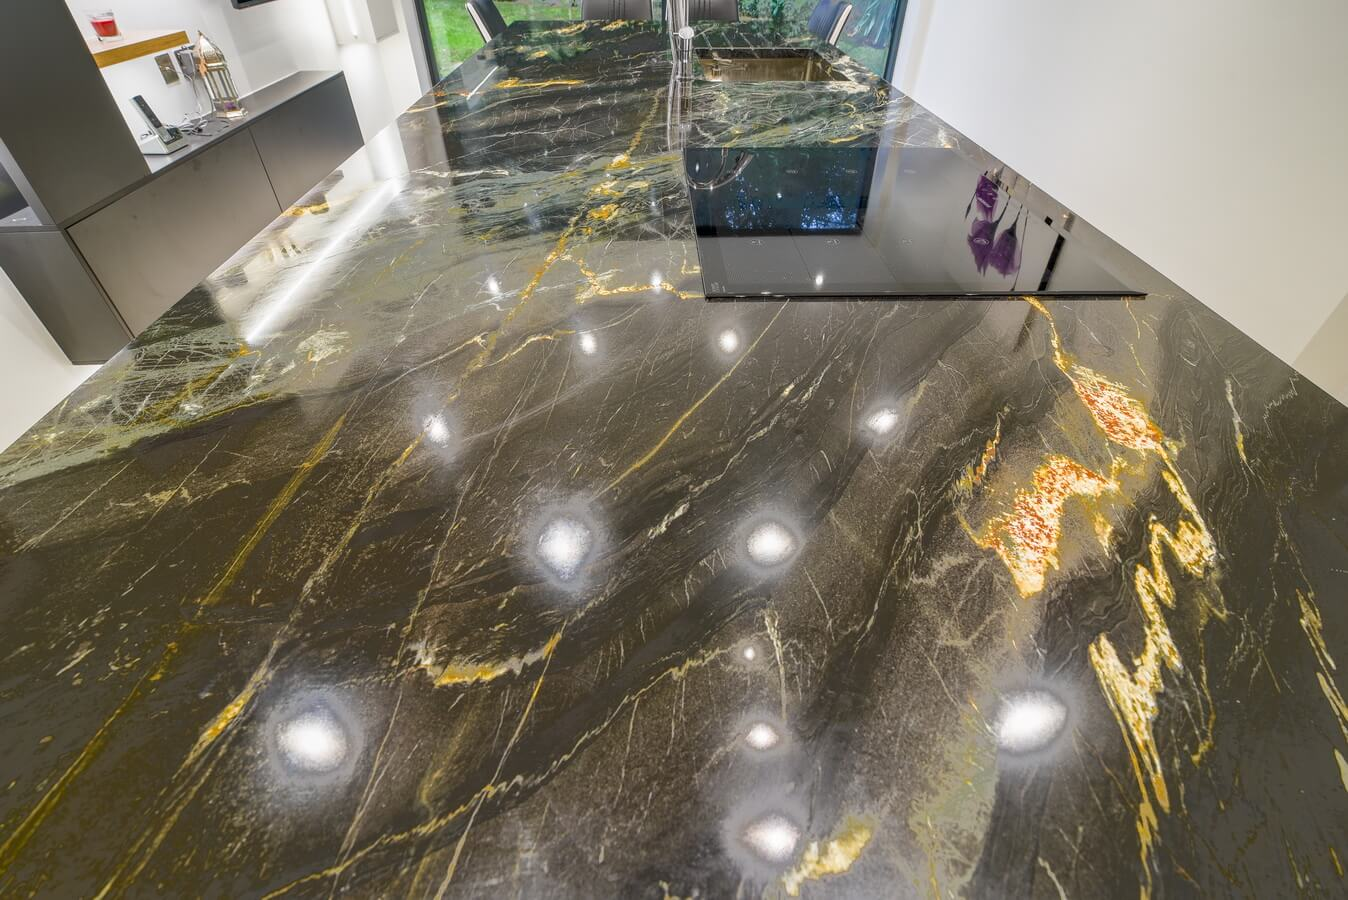 marble-kitchen-worktop-london.jpg